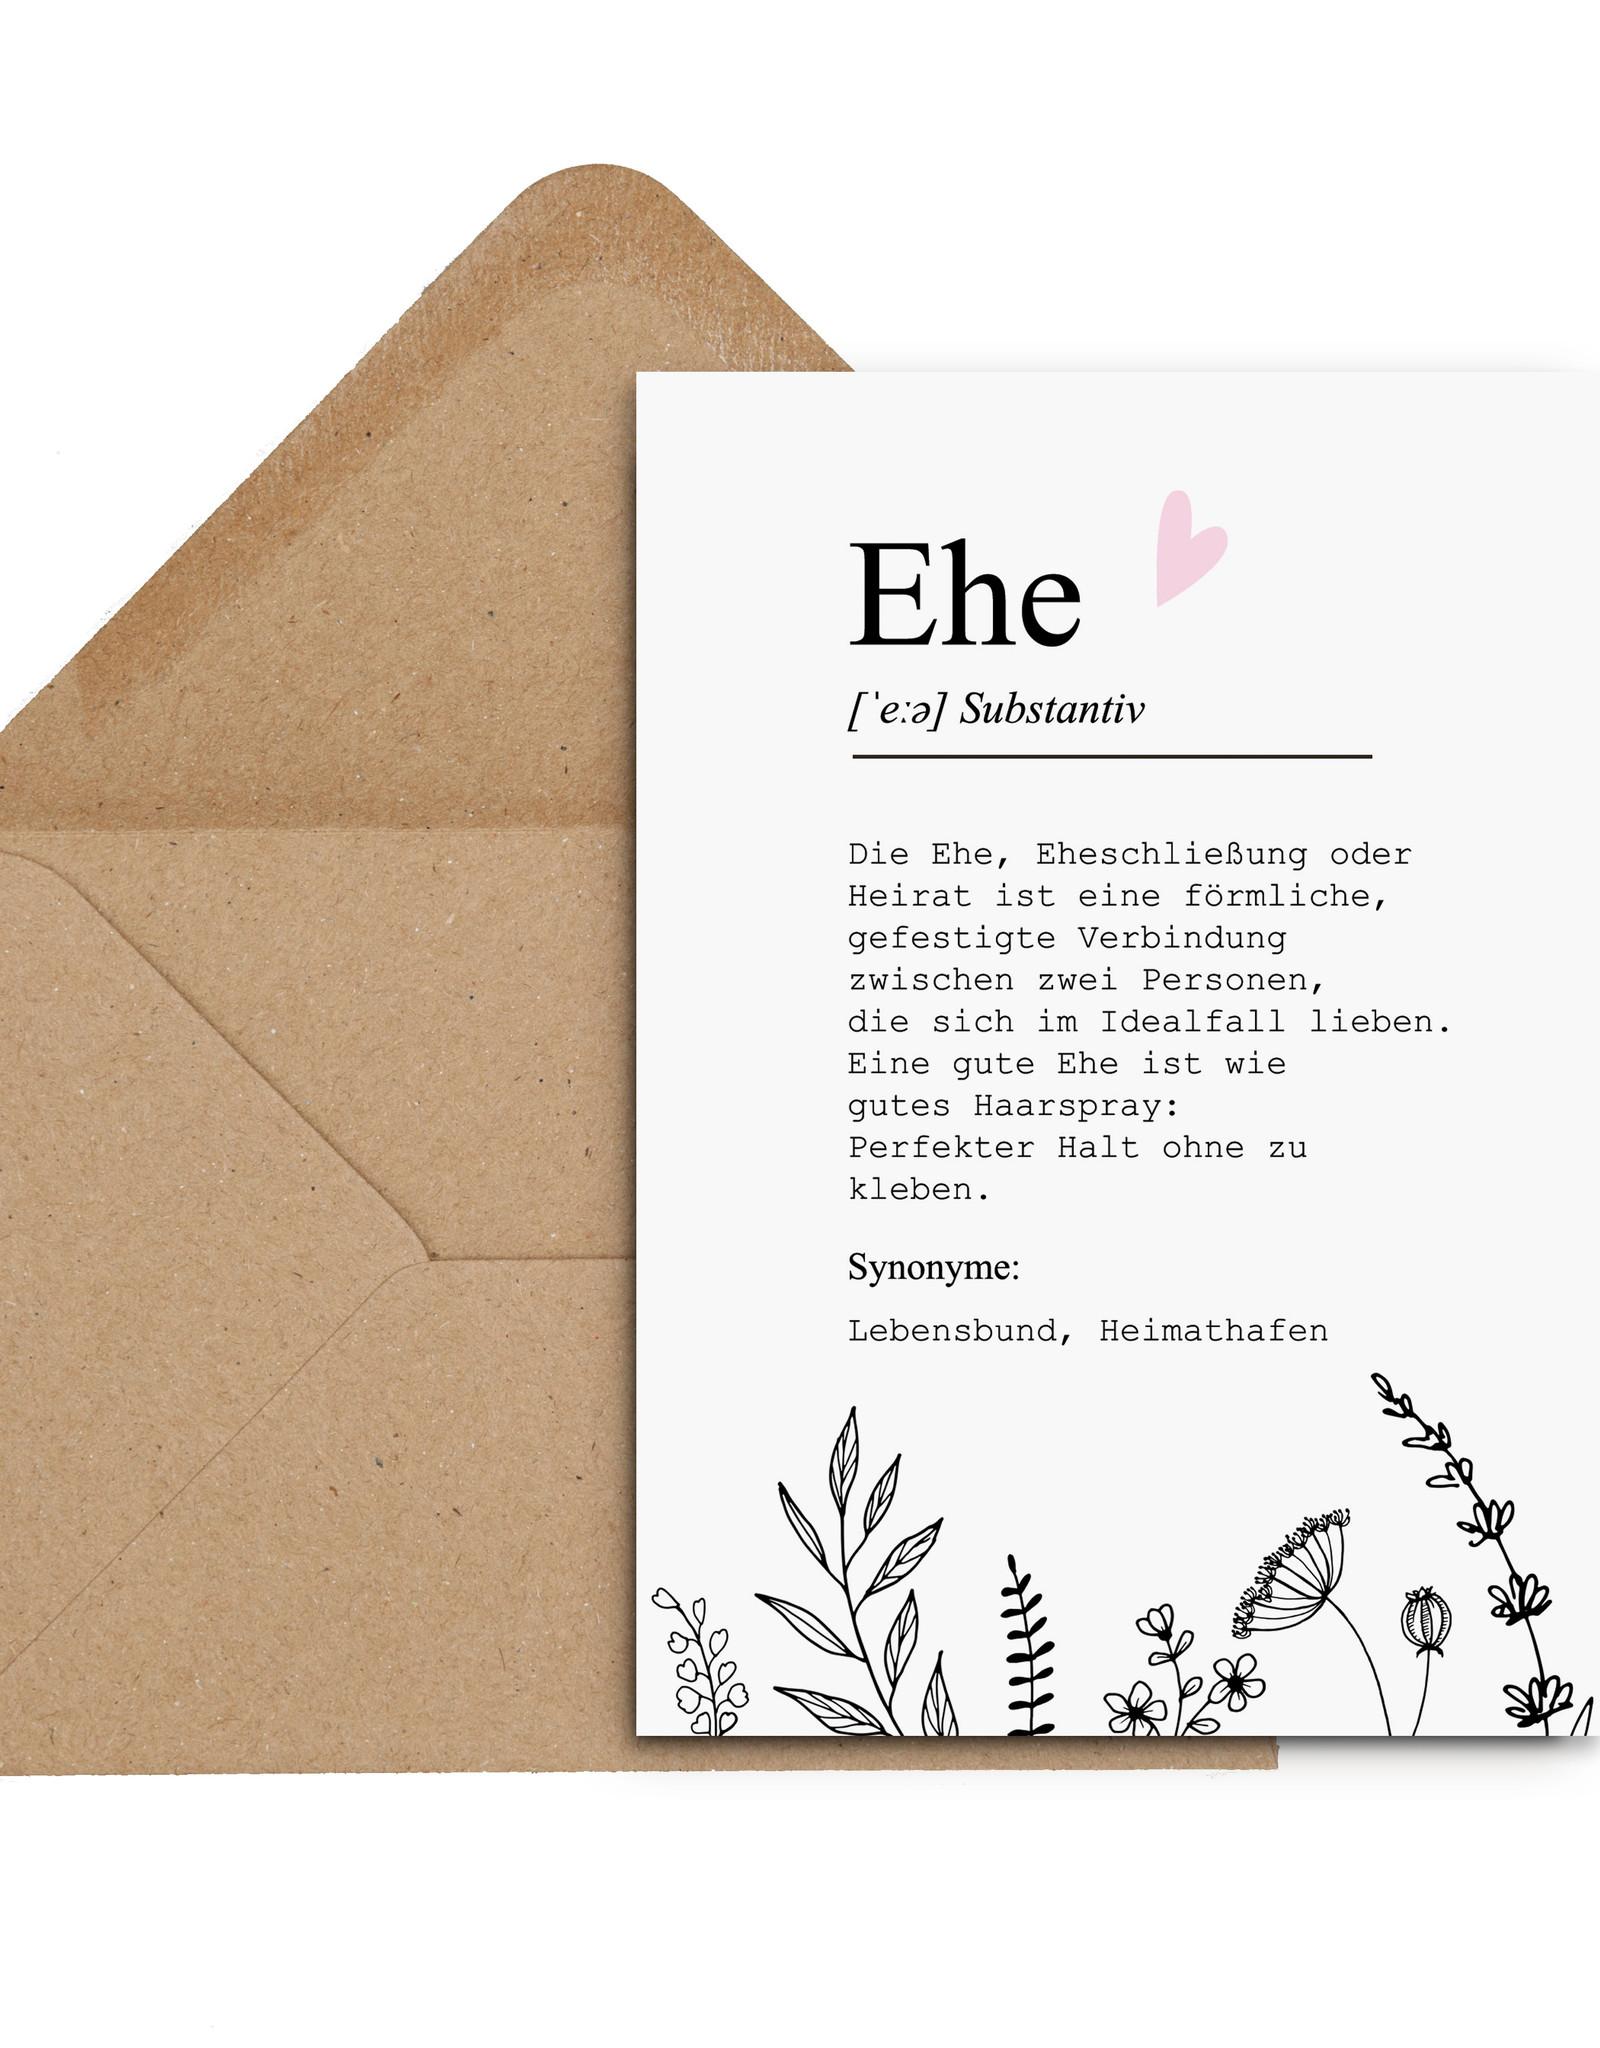 Glückwunschkarte Hochzeit EHE Definition Karte Hochzeit Grußkarte Hochzeit Geschenk